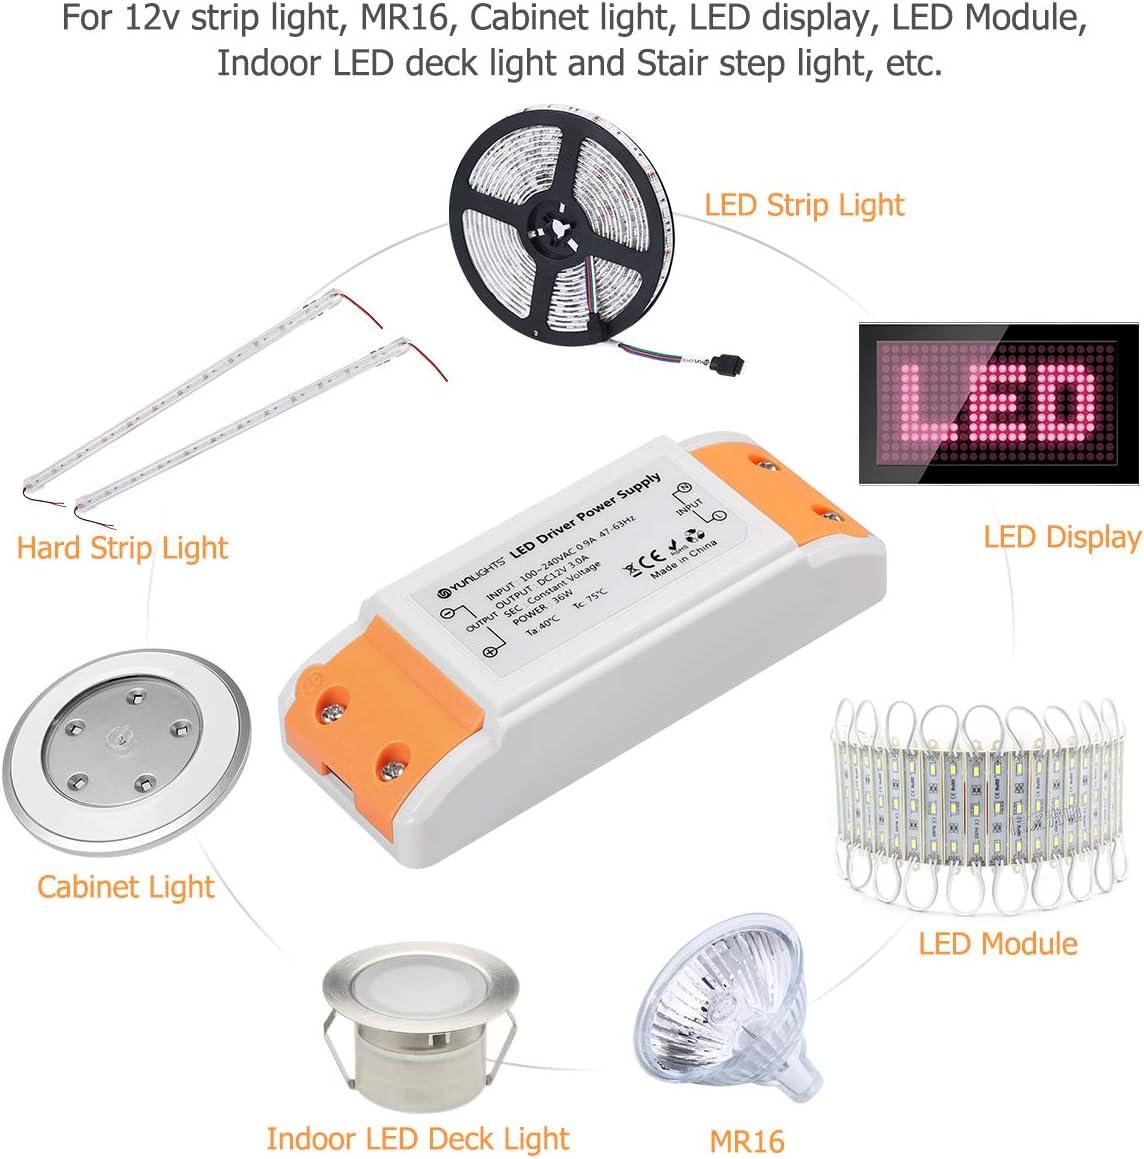 LED trafo 12V LED Transformator 0-12W LED Treibe Driver Netzteil Stabilisierte Spannungsquelle f/ür LED Lichtstreifen MR16 LED Display G4 Schrank Licht LED-Anzeige MR11 Deck Licht